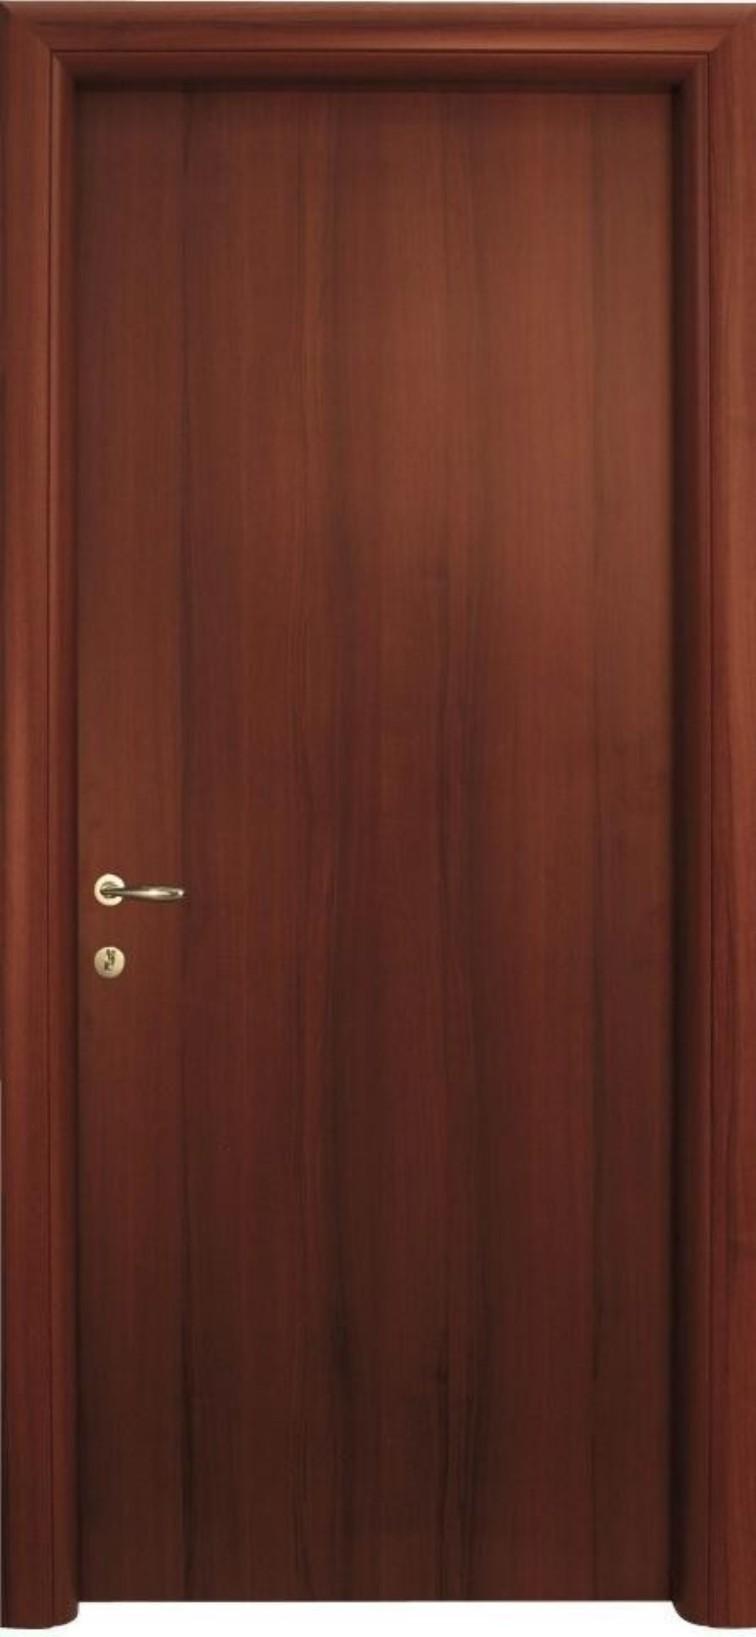 Porte Interne Laminato: Porte in Laminato economiche porte colore ...